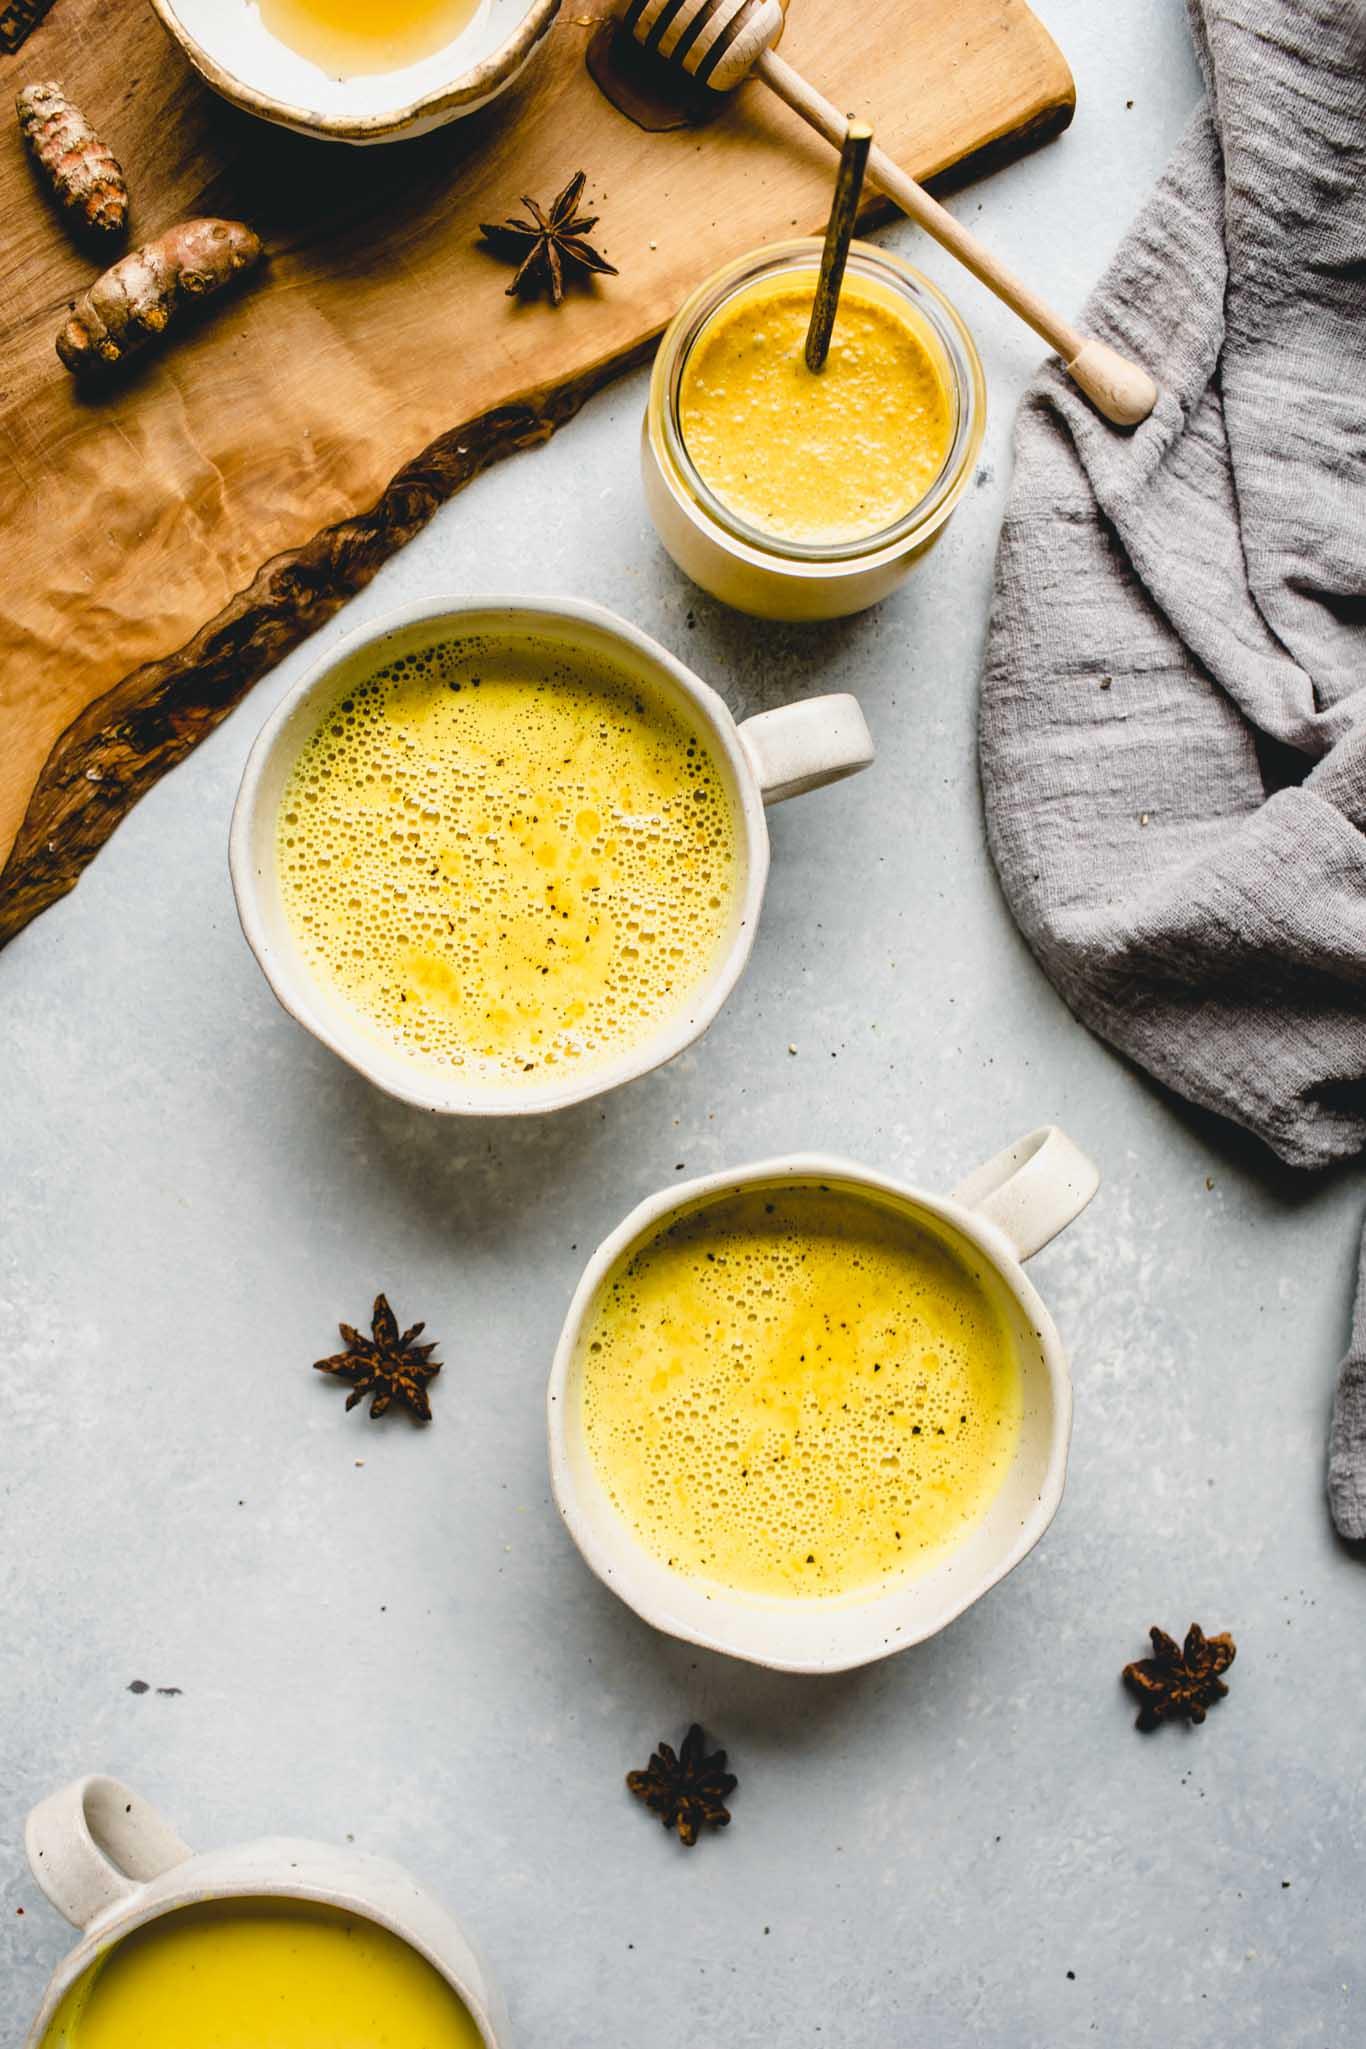 Three cups of golden milk latte.